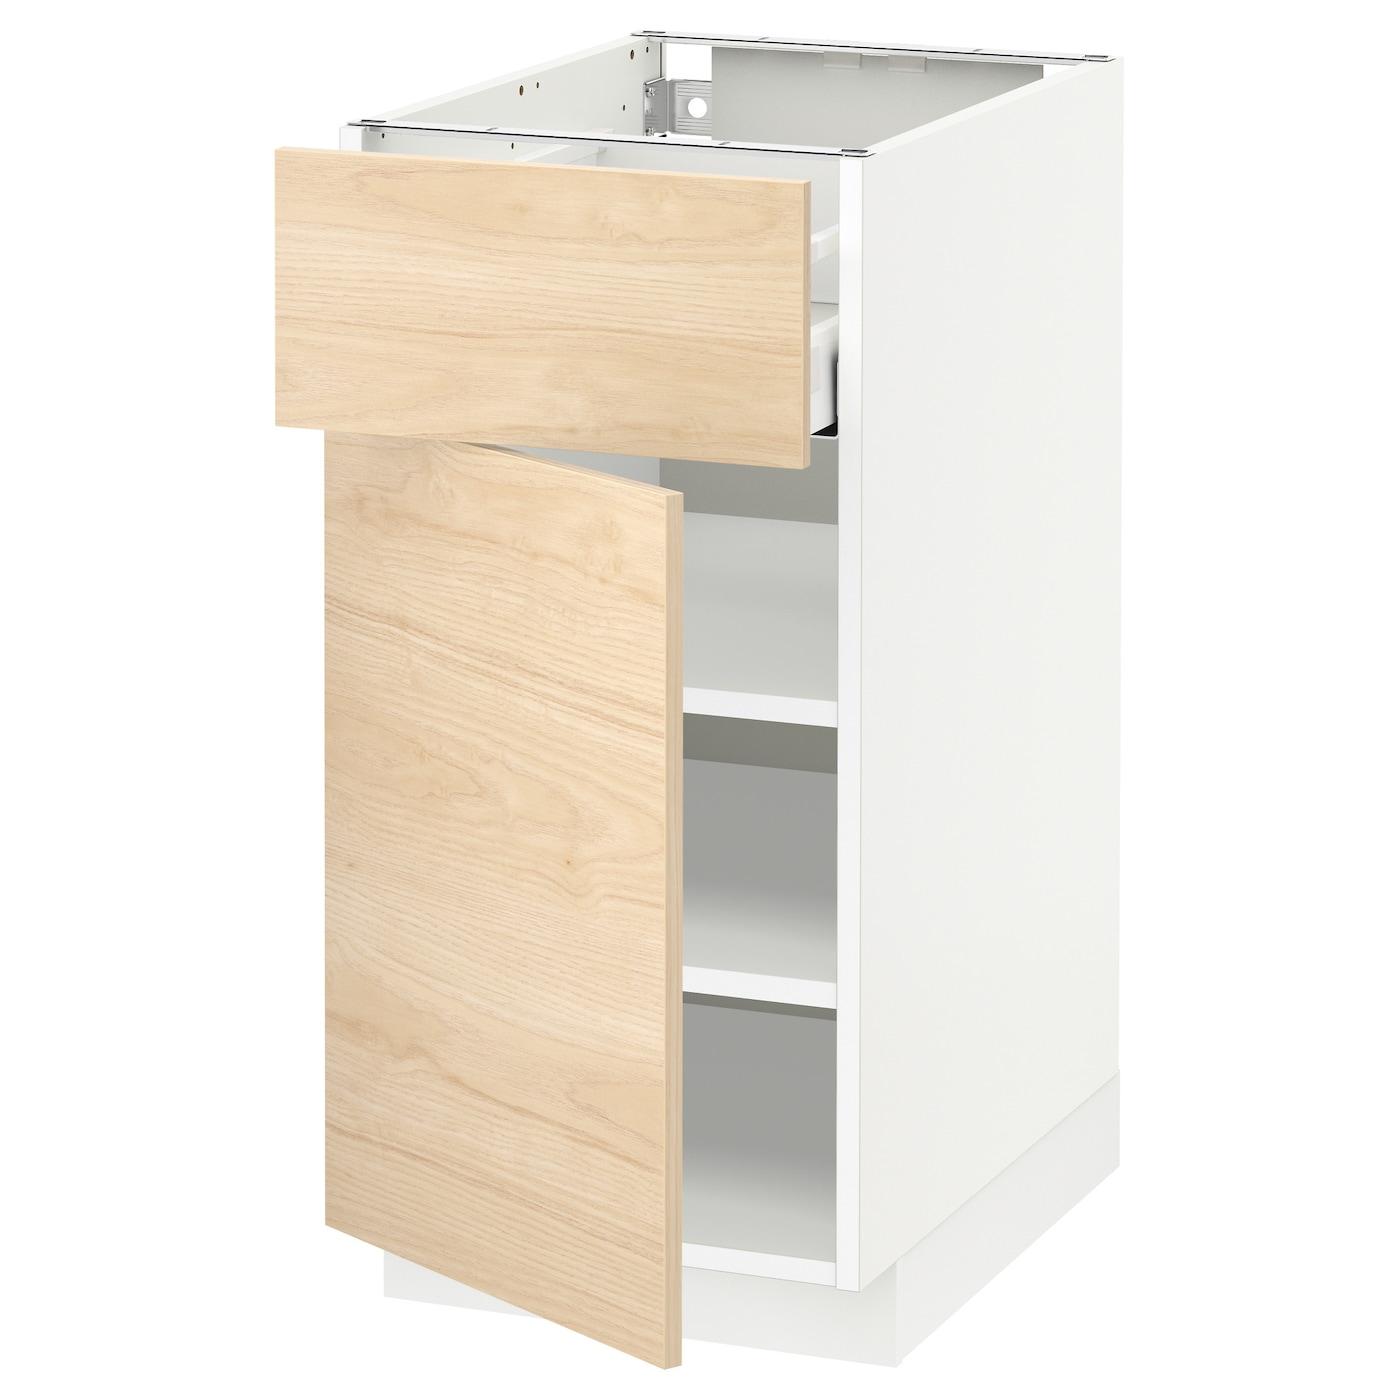 silberfarben-metall Küchen-Unterschränke online kaufen | Möbel ...